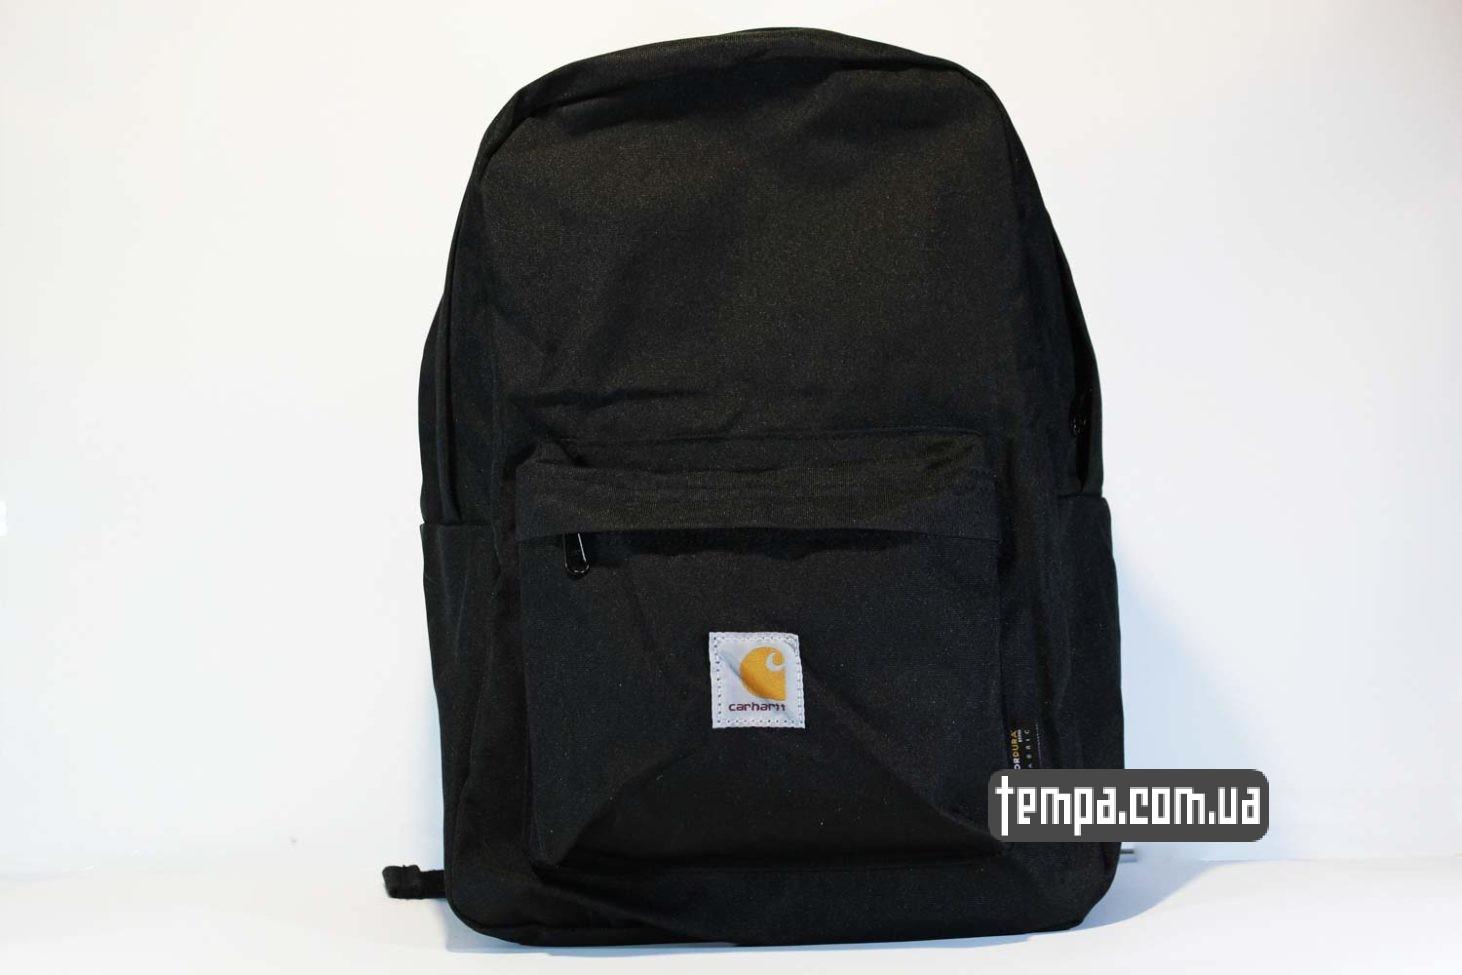 рюкзак Carhartt black backback черный купить Украина